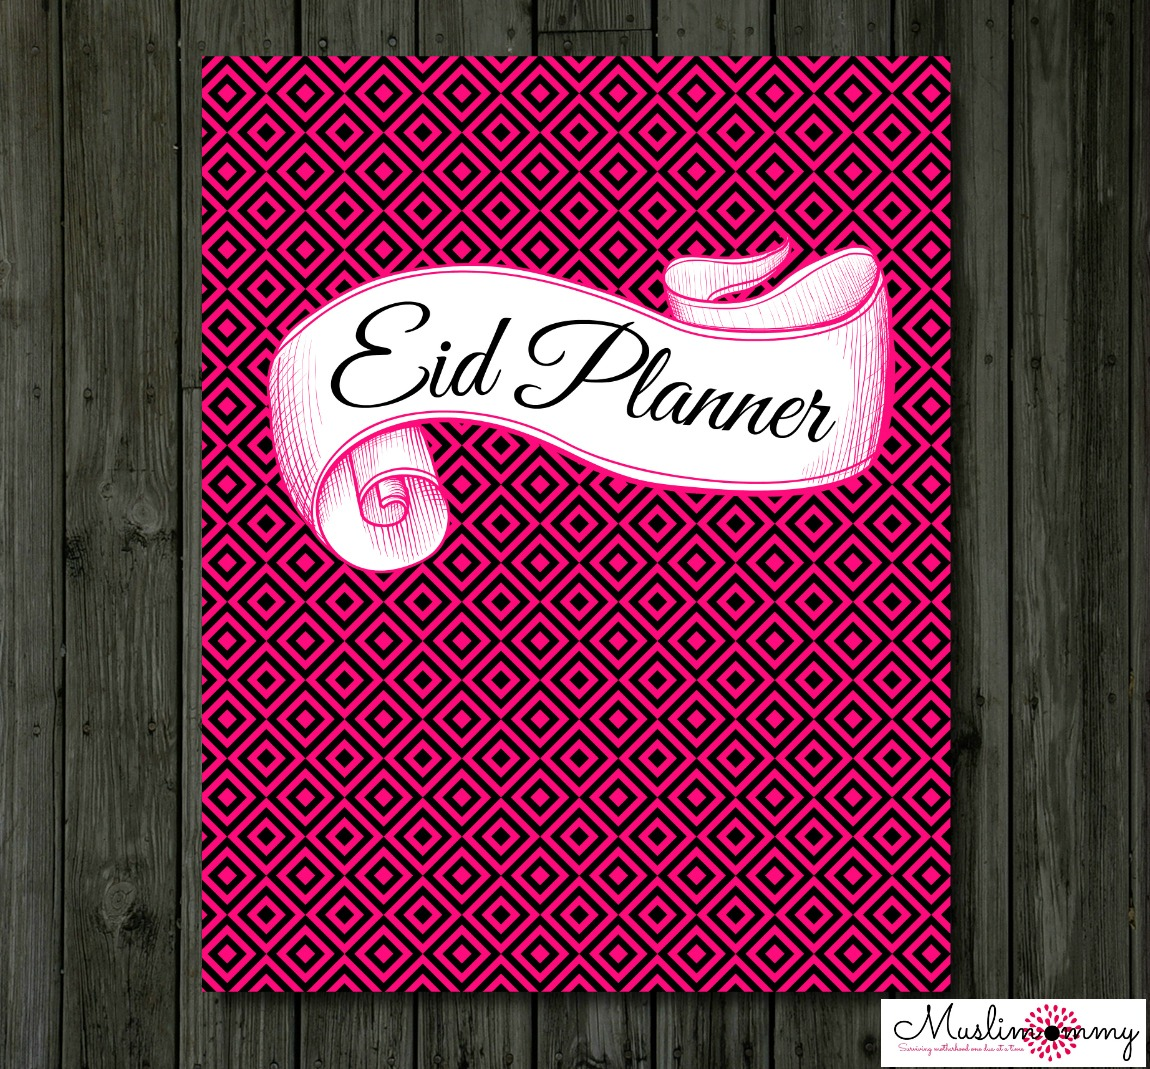 Eid-Planner-Display.jpg